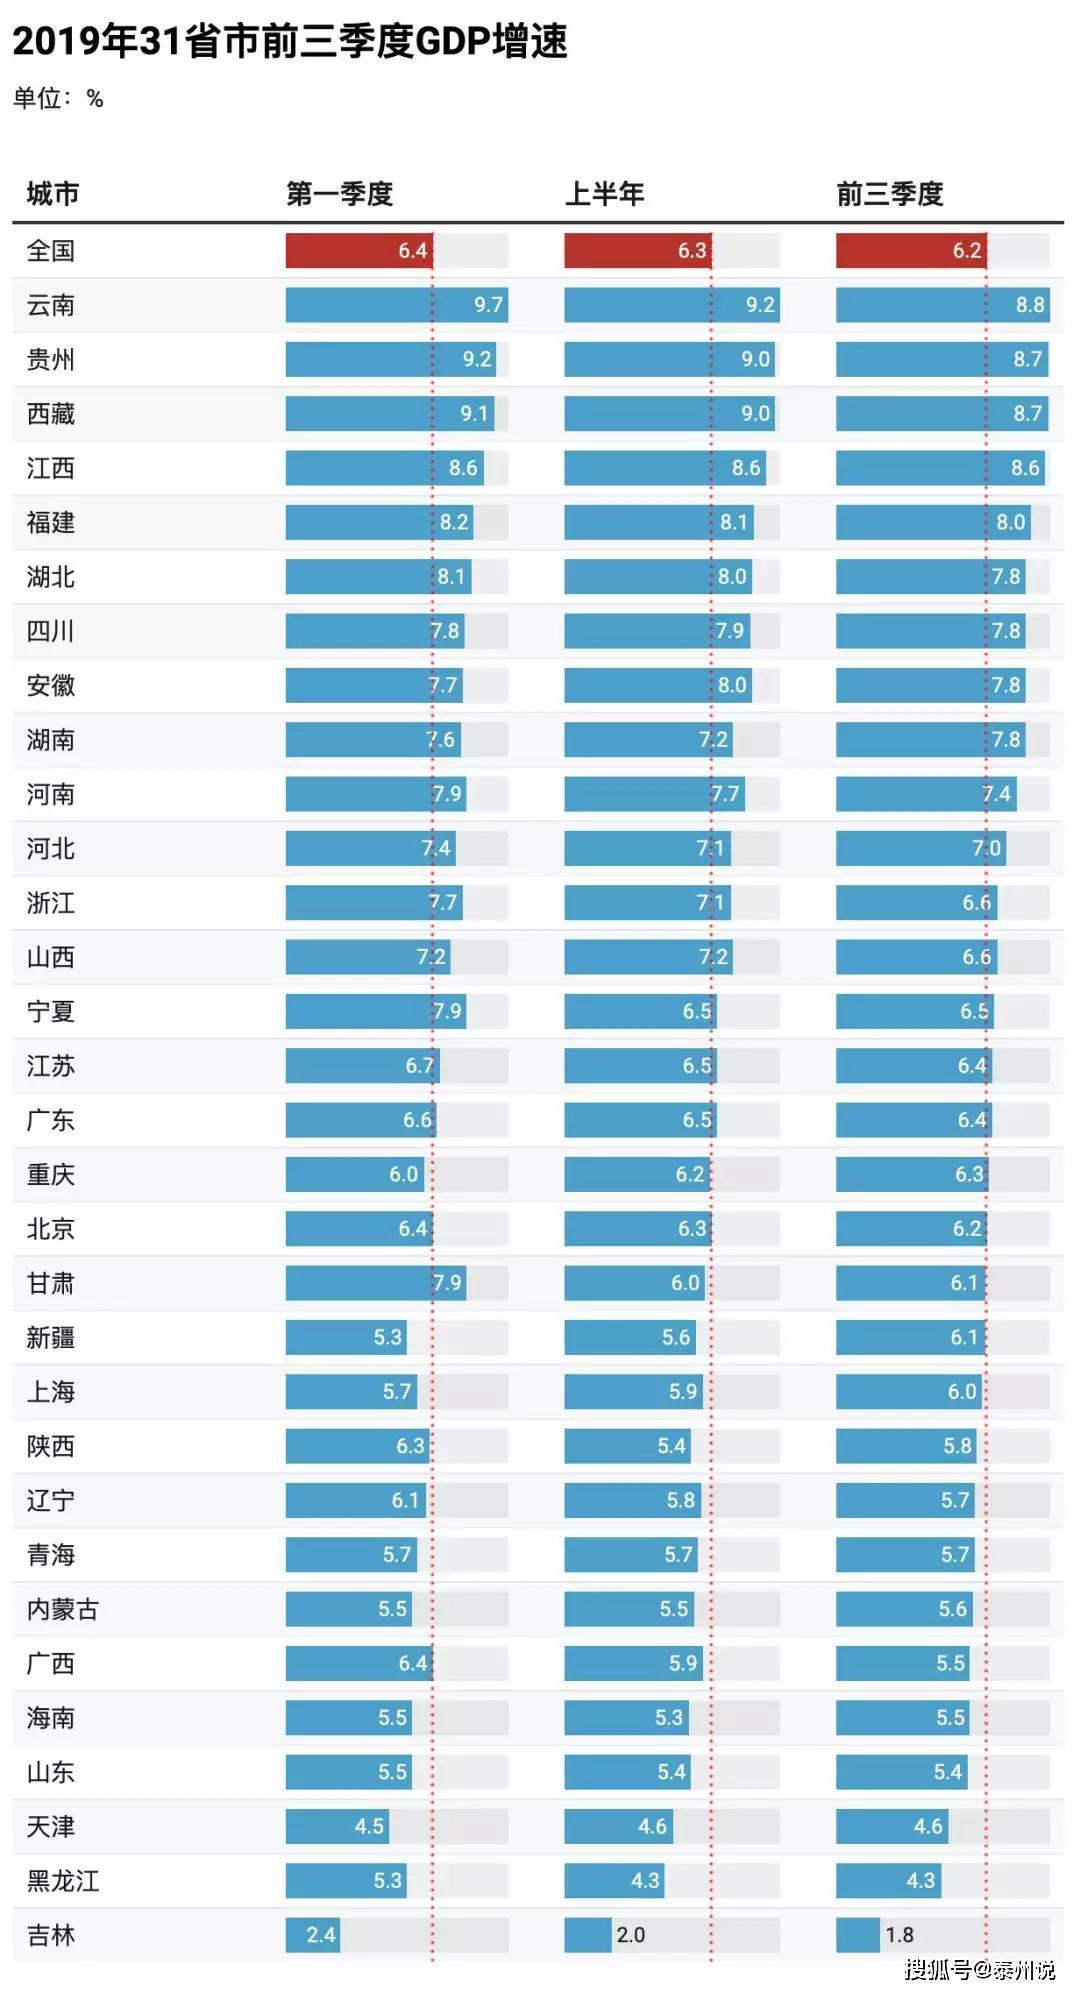 全国各省2019年全年gdp是多少_2019全国各省GDP排行,看你省在第几